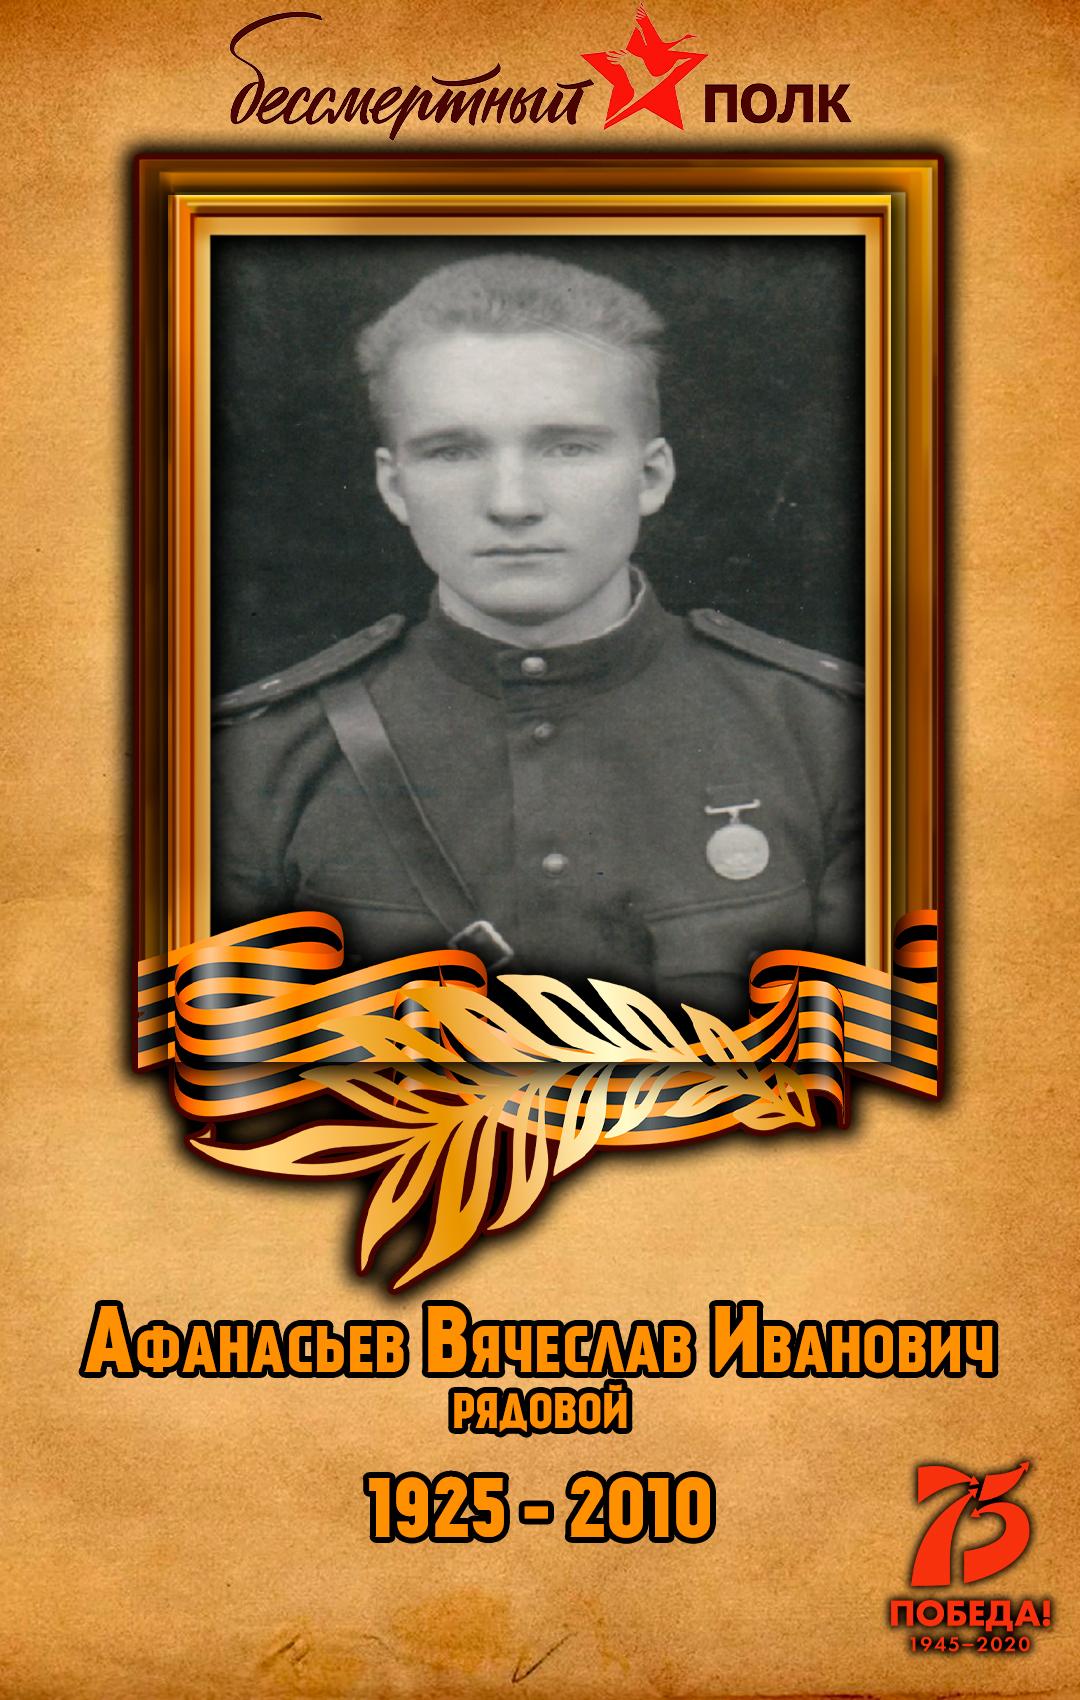 Афанасьев-Вячеслав-Иванович